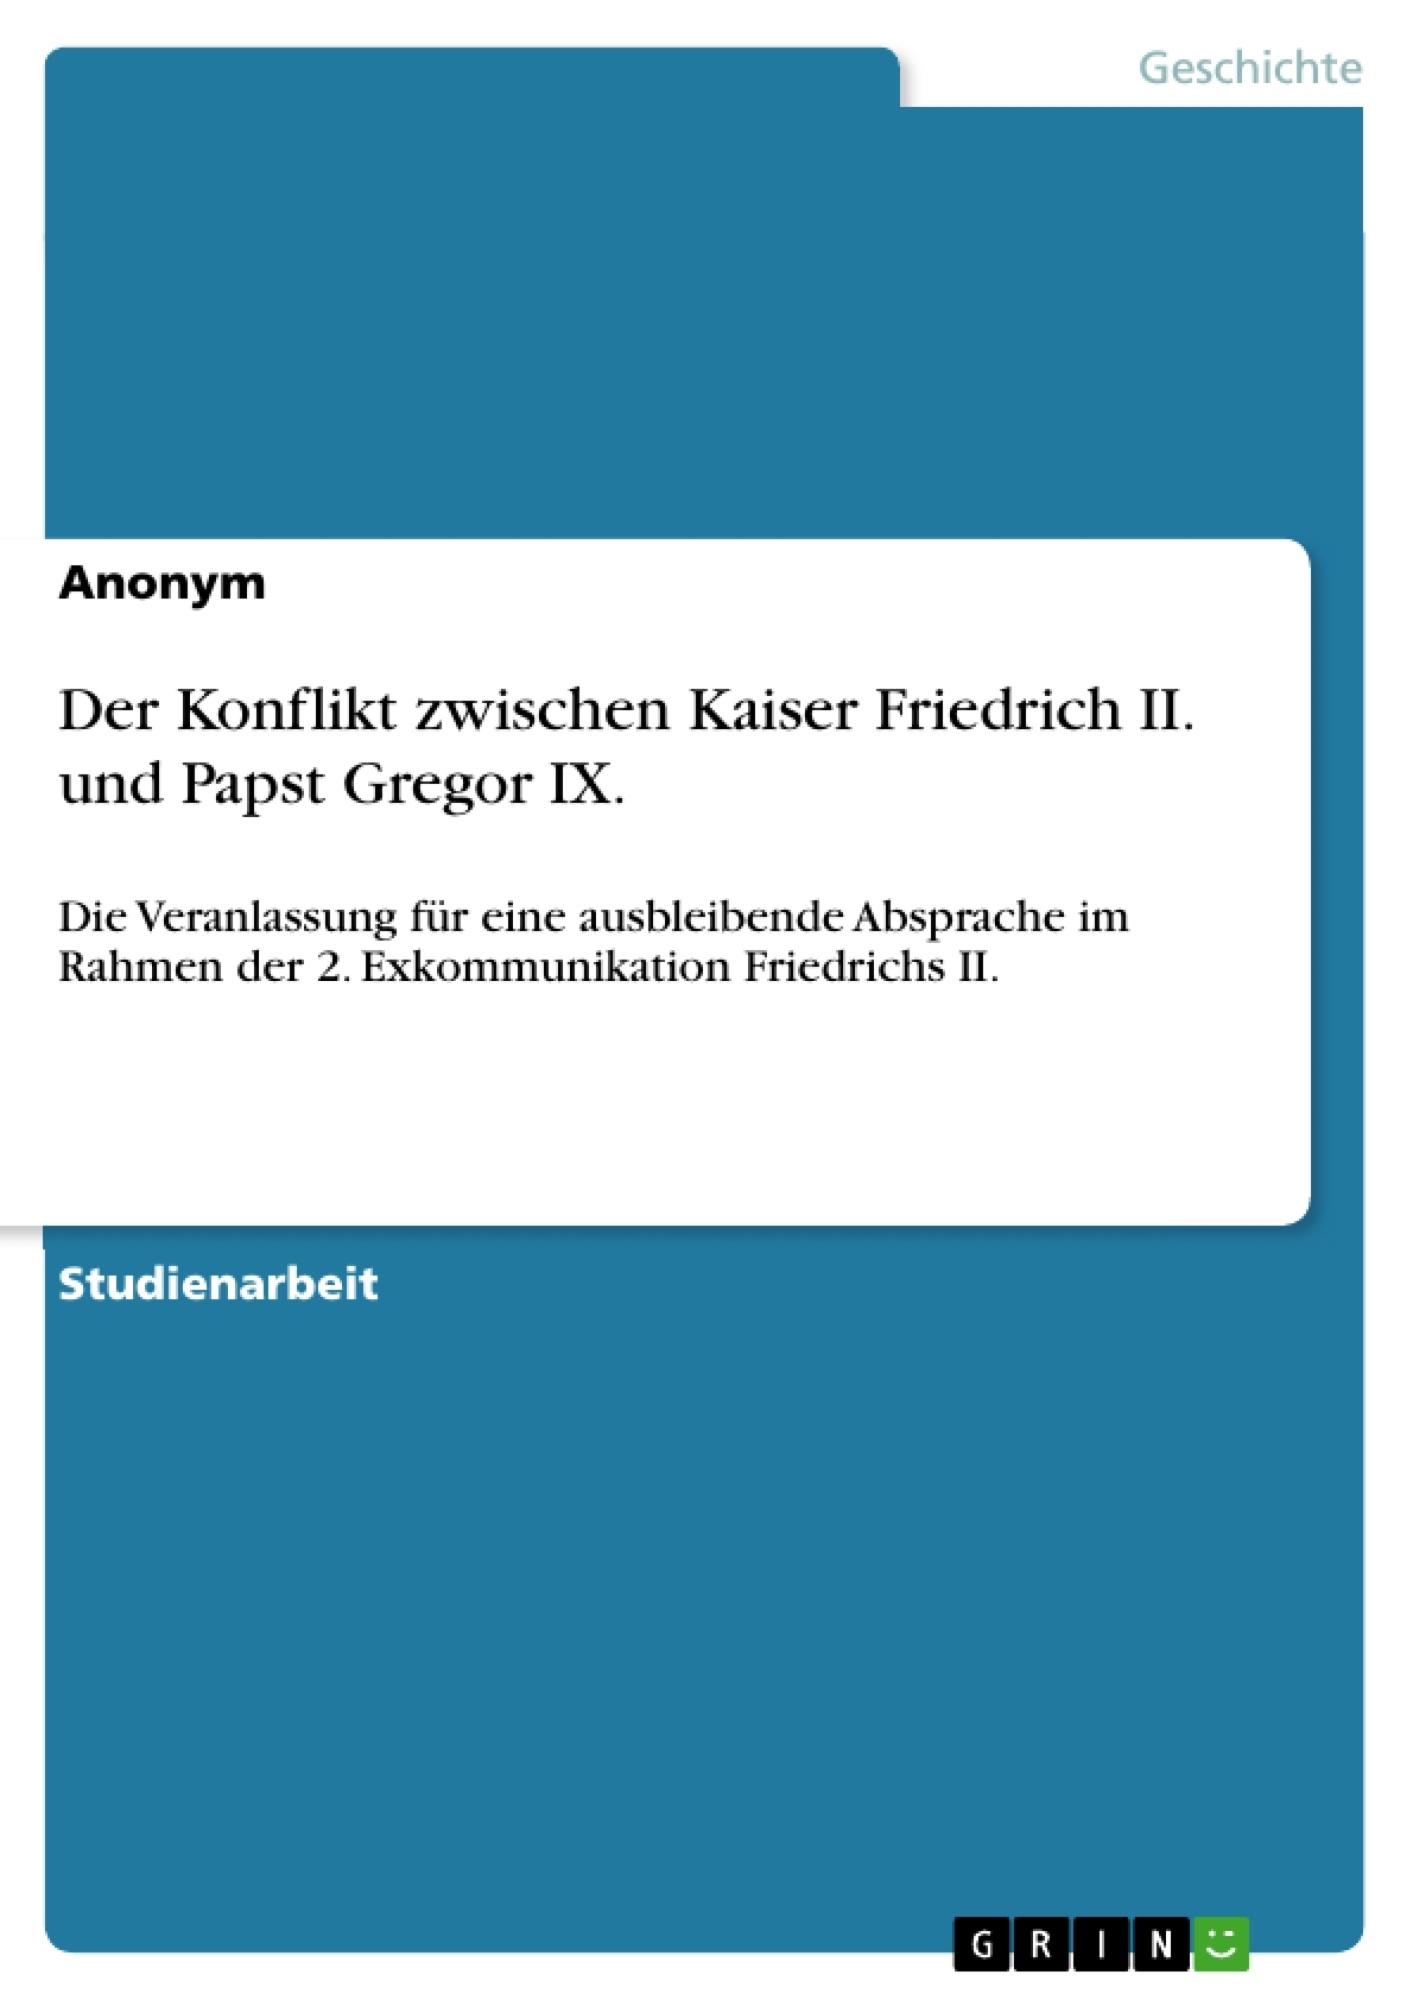 Titel: Der Konflikt zwischen Kaiser Friedrich II. und Papst Gregor IX.